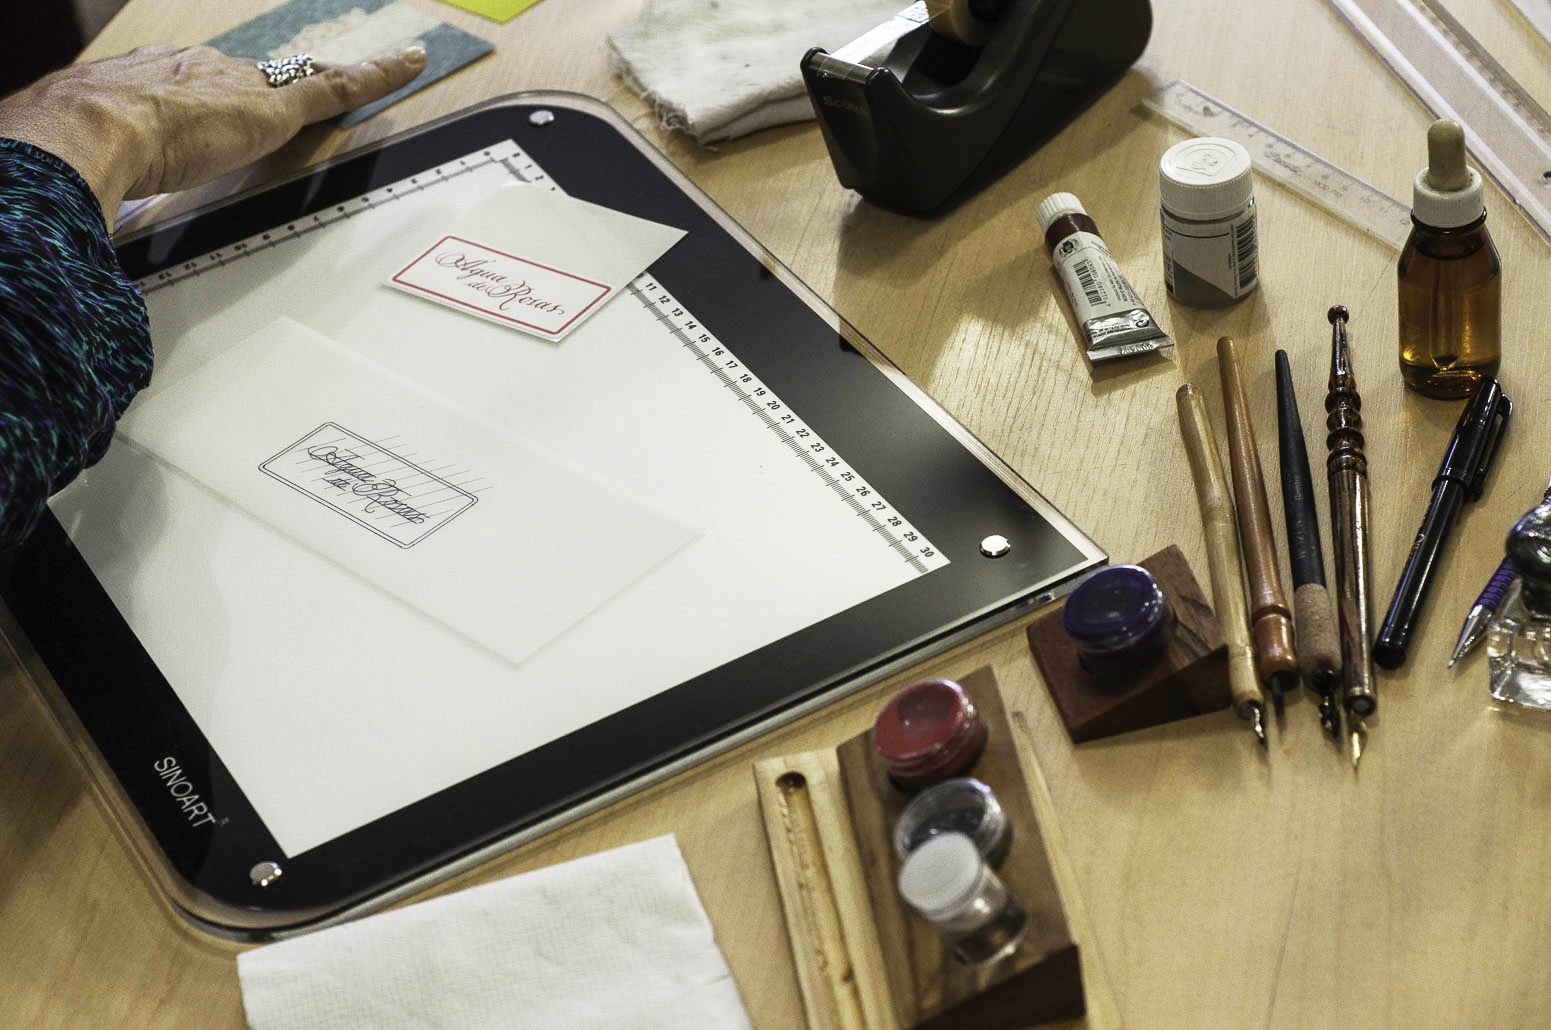 Materiais utilizados pelos calígrafos